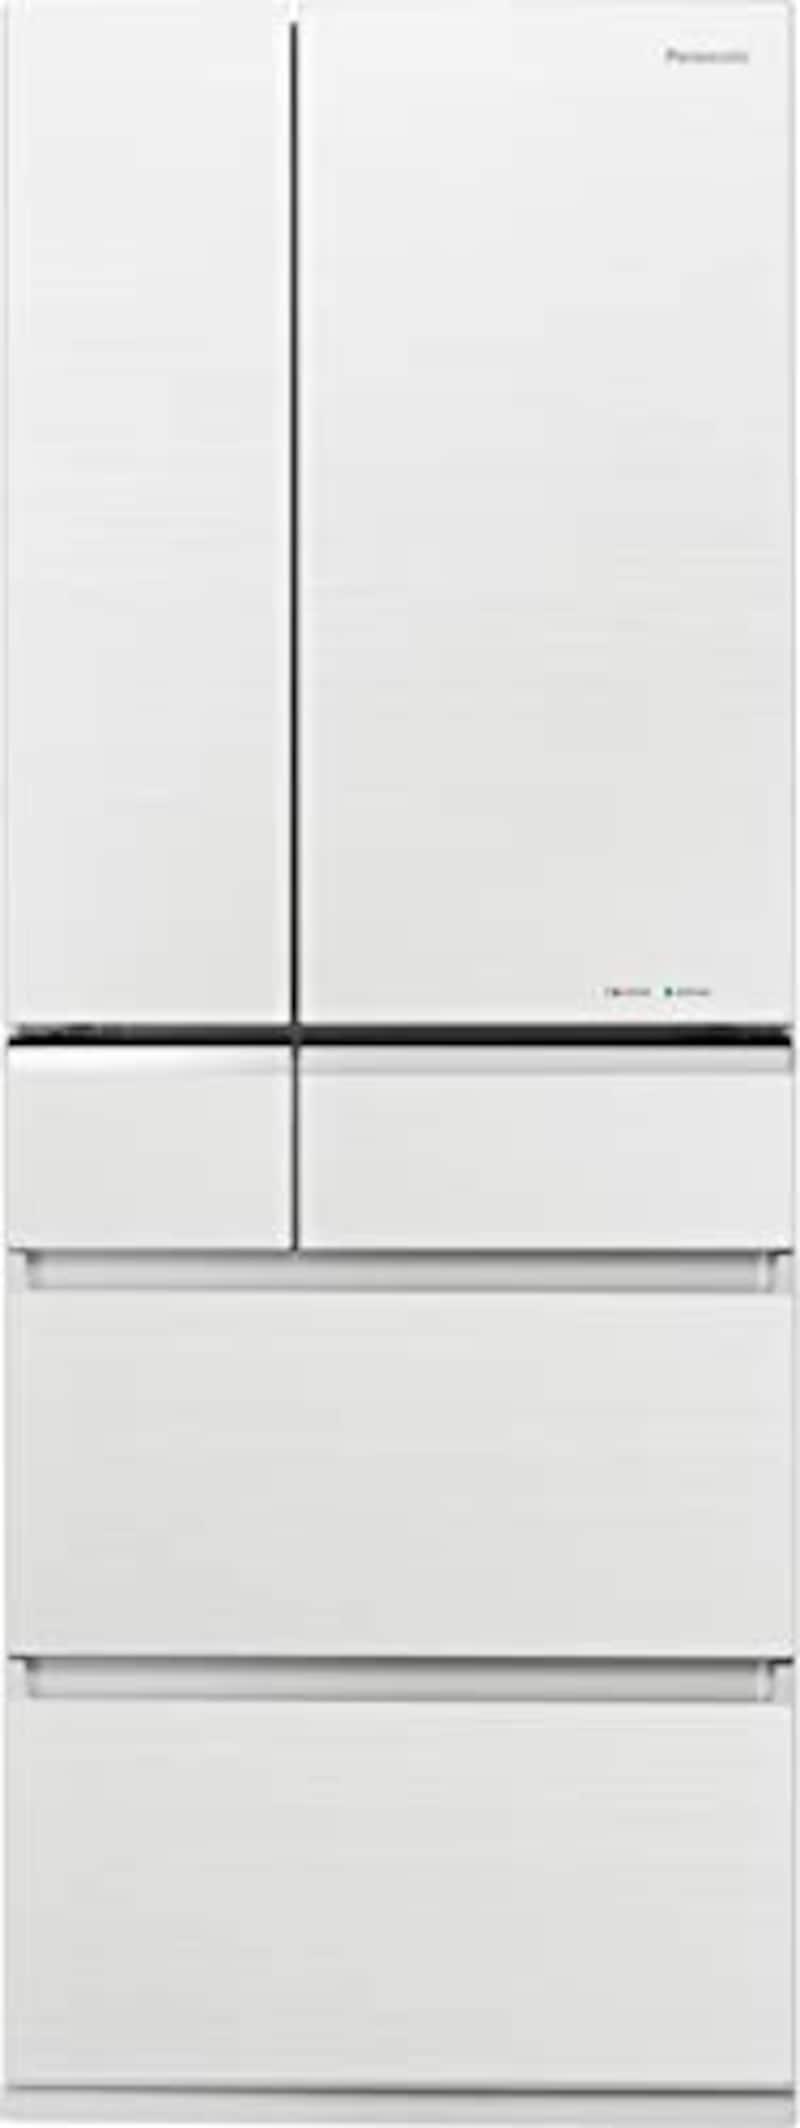 Panasonic(パナソニック),6ドア冷蔵庫 マチュアホワイト, NR-F506XPV-W